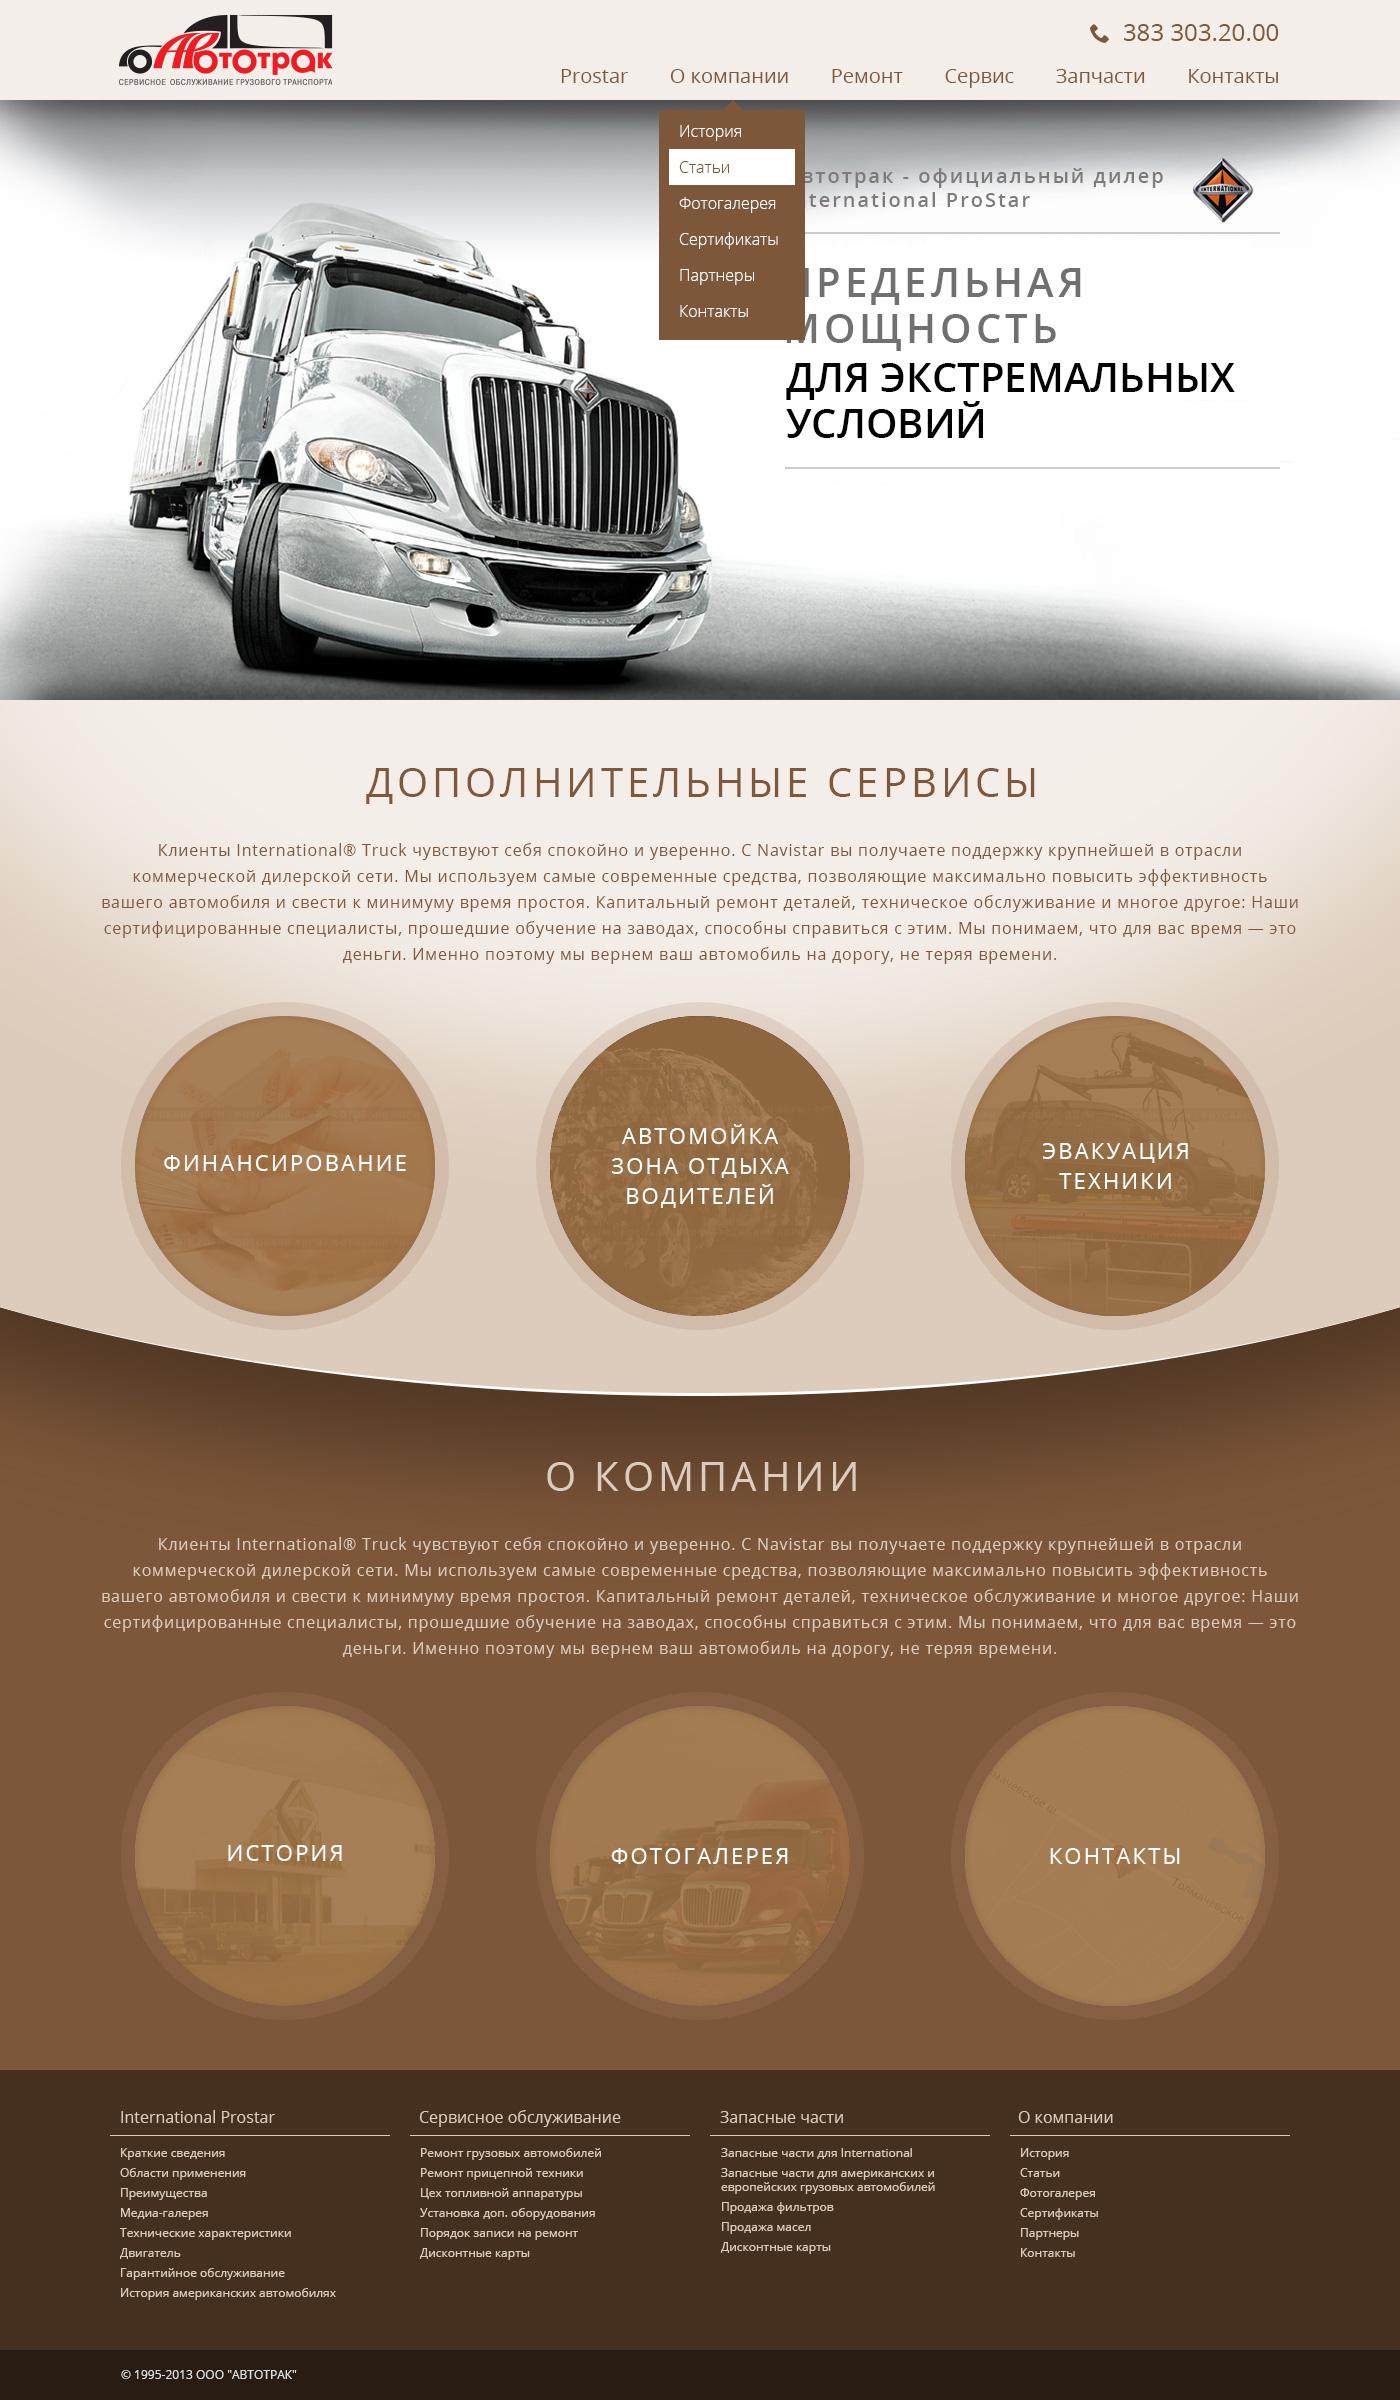 Разработать дизайн сайта автомобильной тематики фото f_889526a8f642706d.jpg